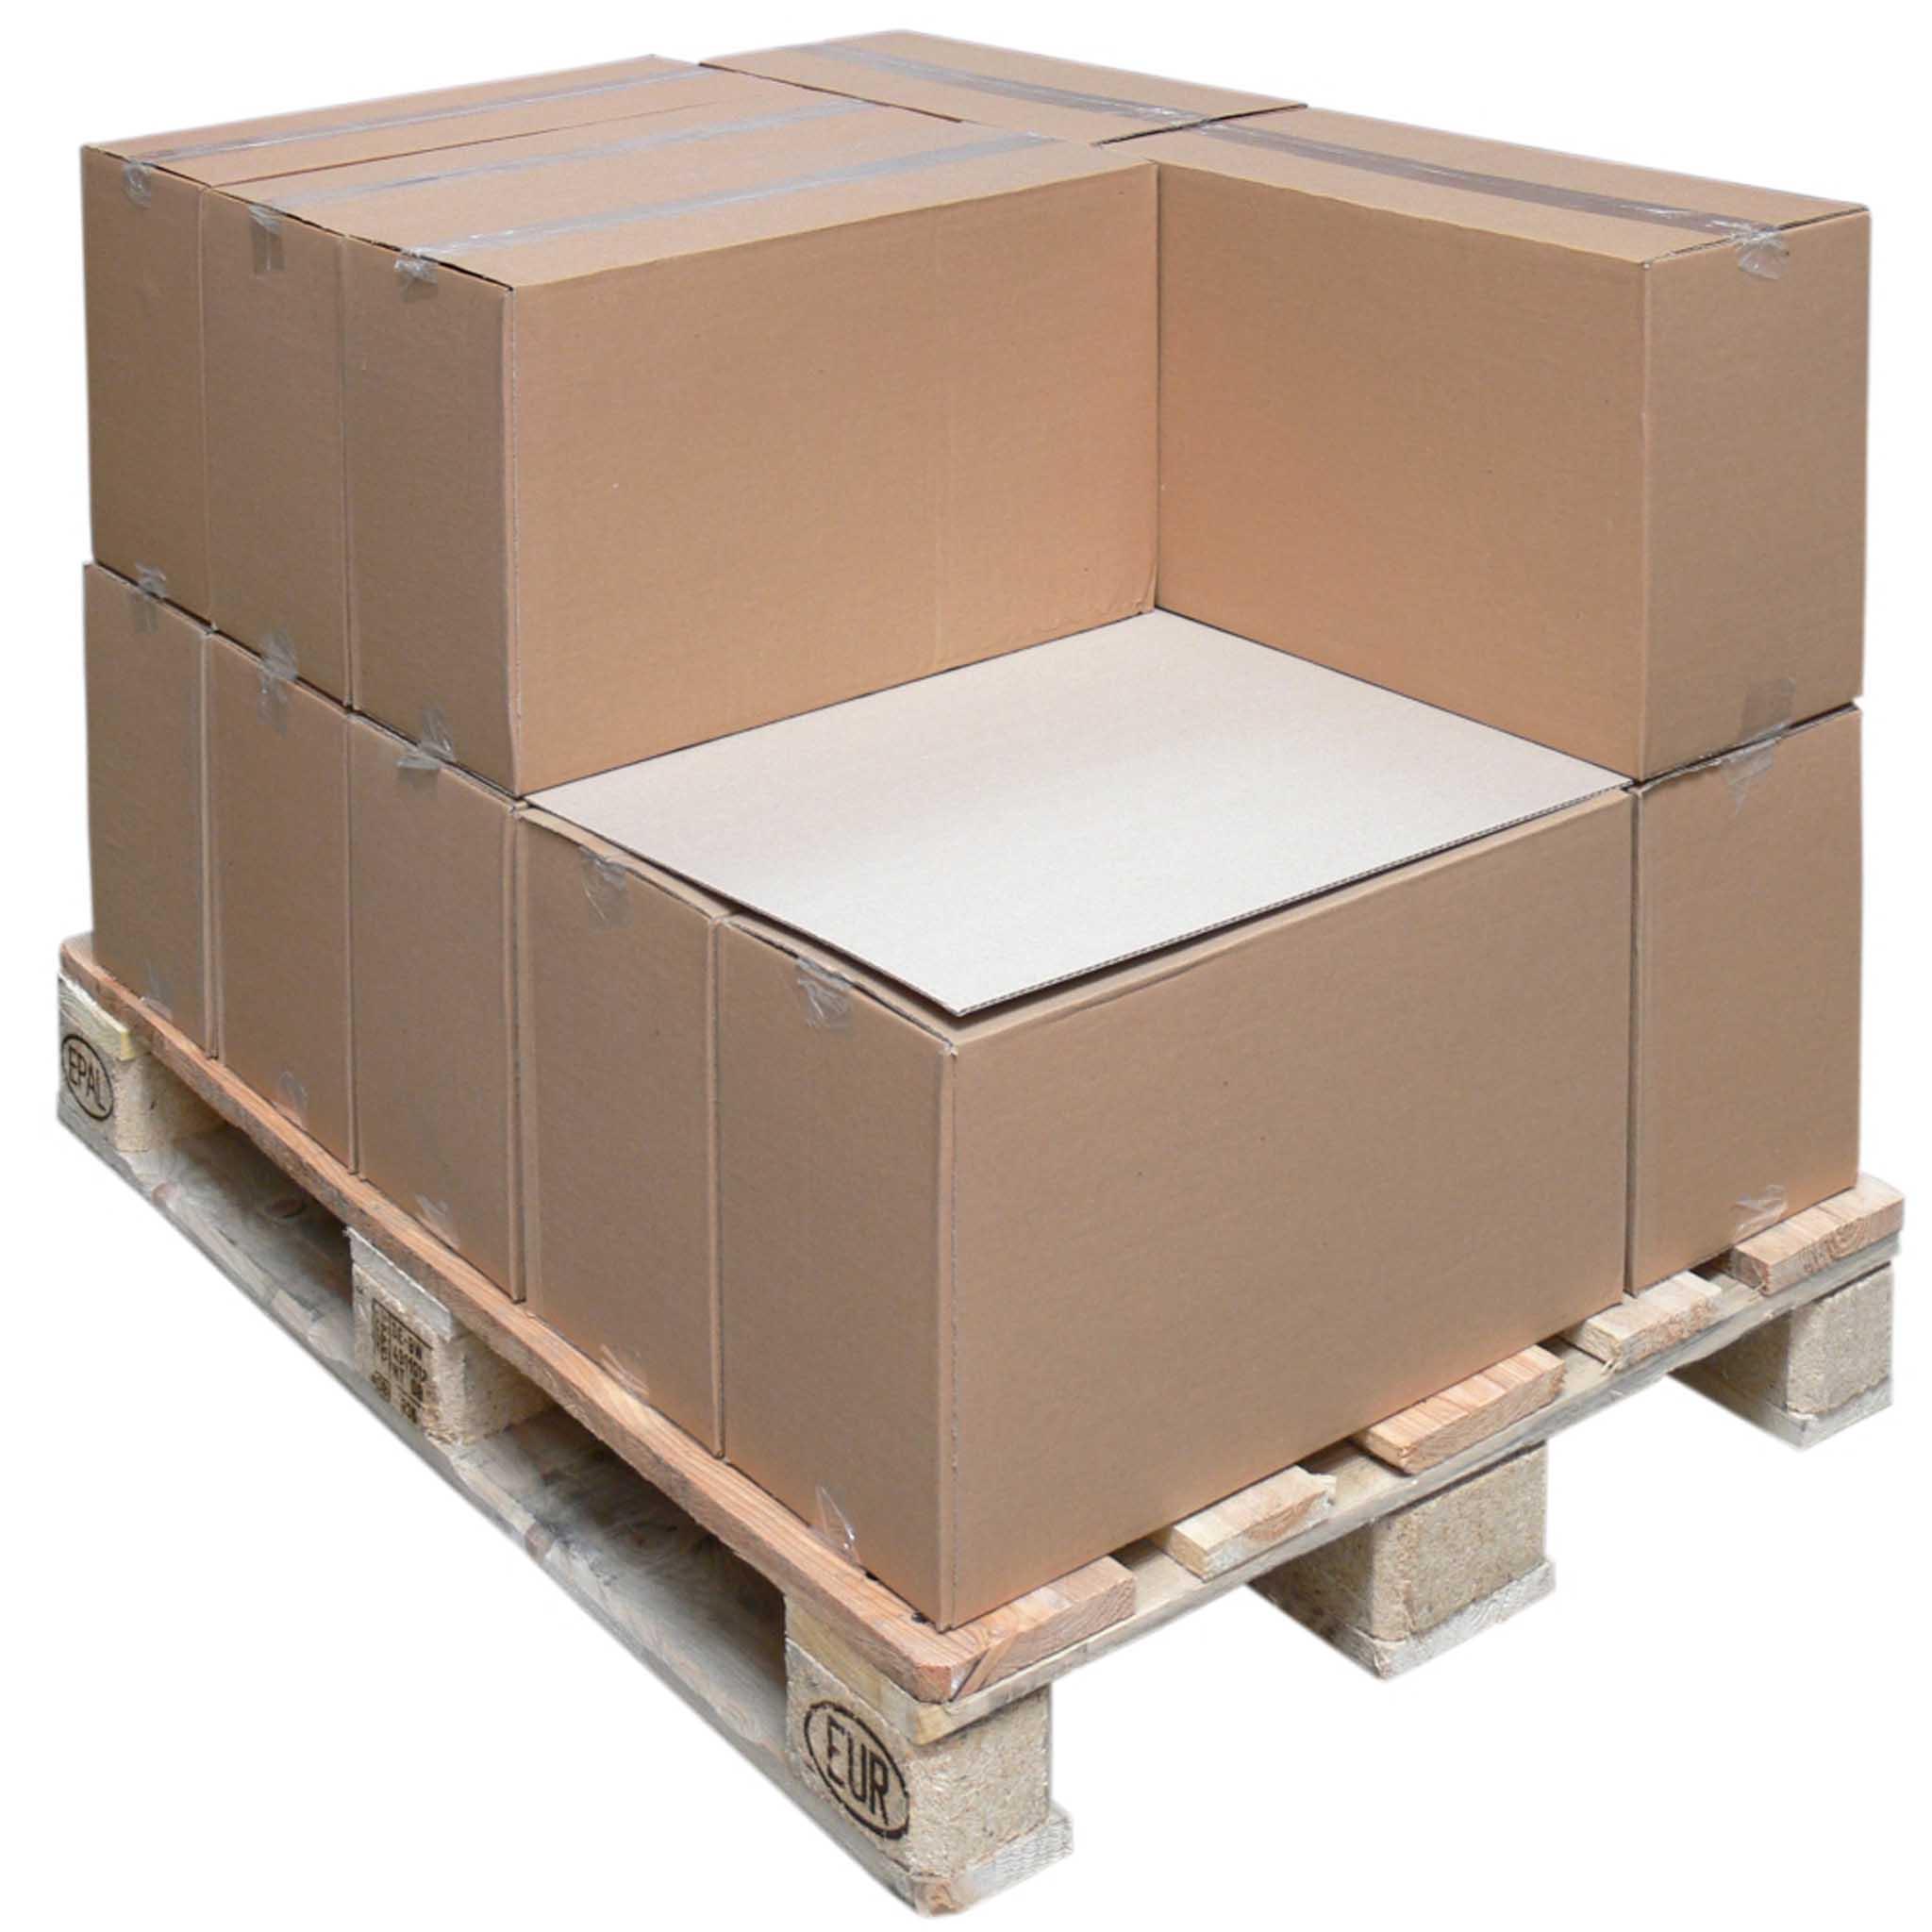 Euro-Standard-Karton | 300 X 200 mm Außenmaß 200 x 150 x 180 mm